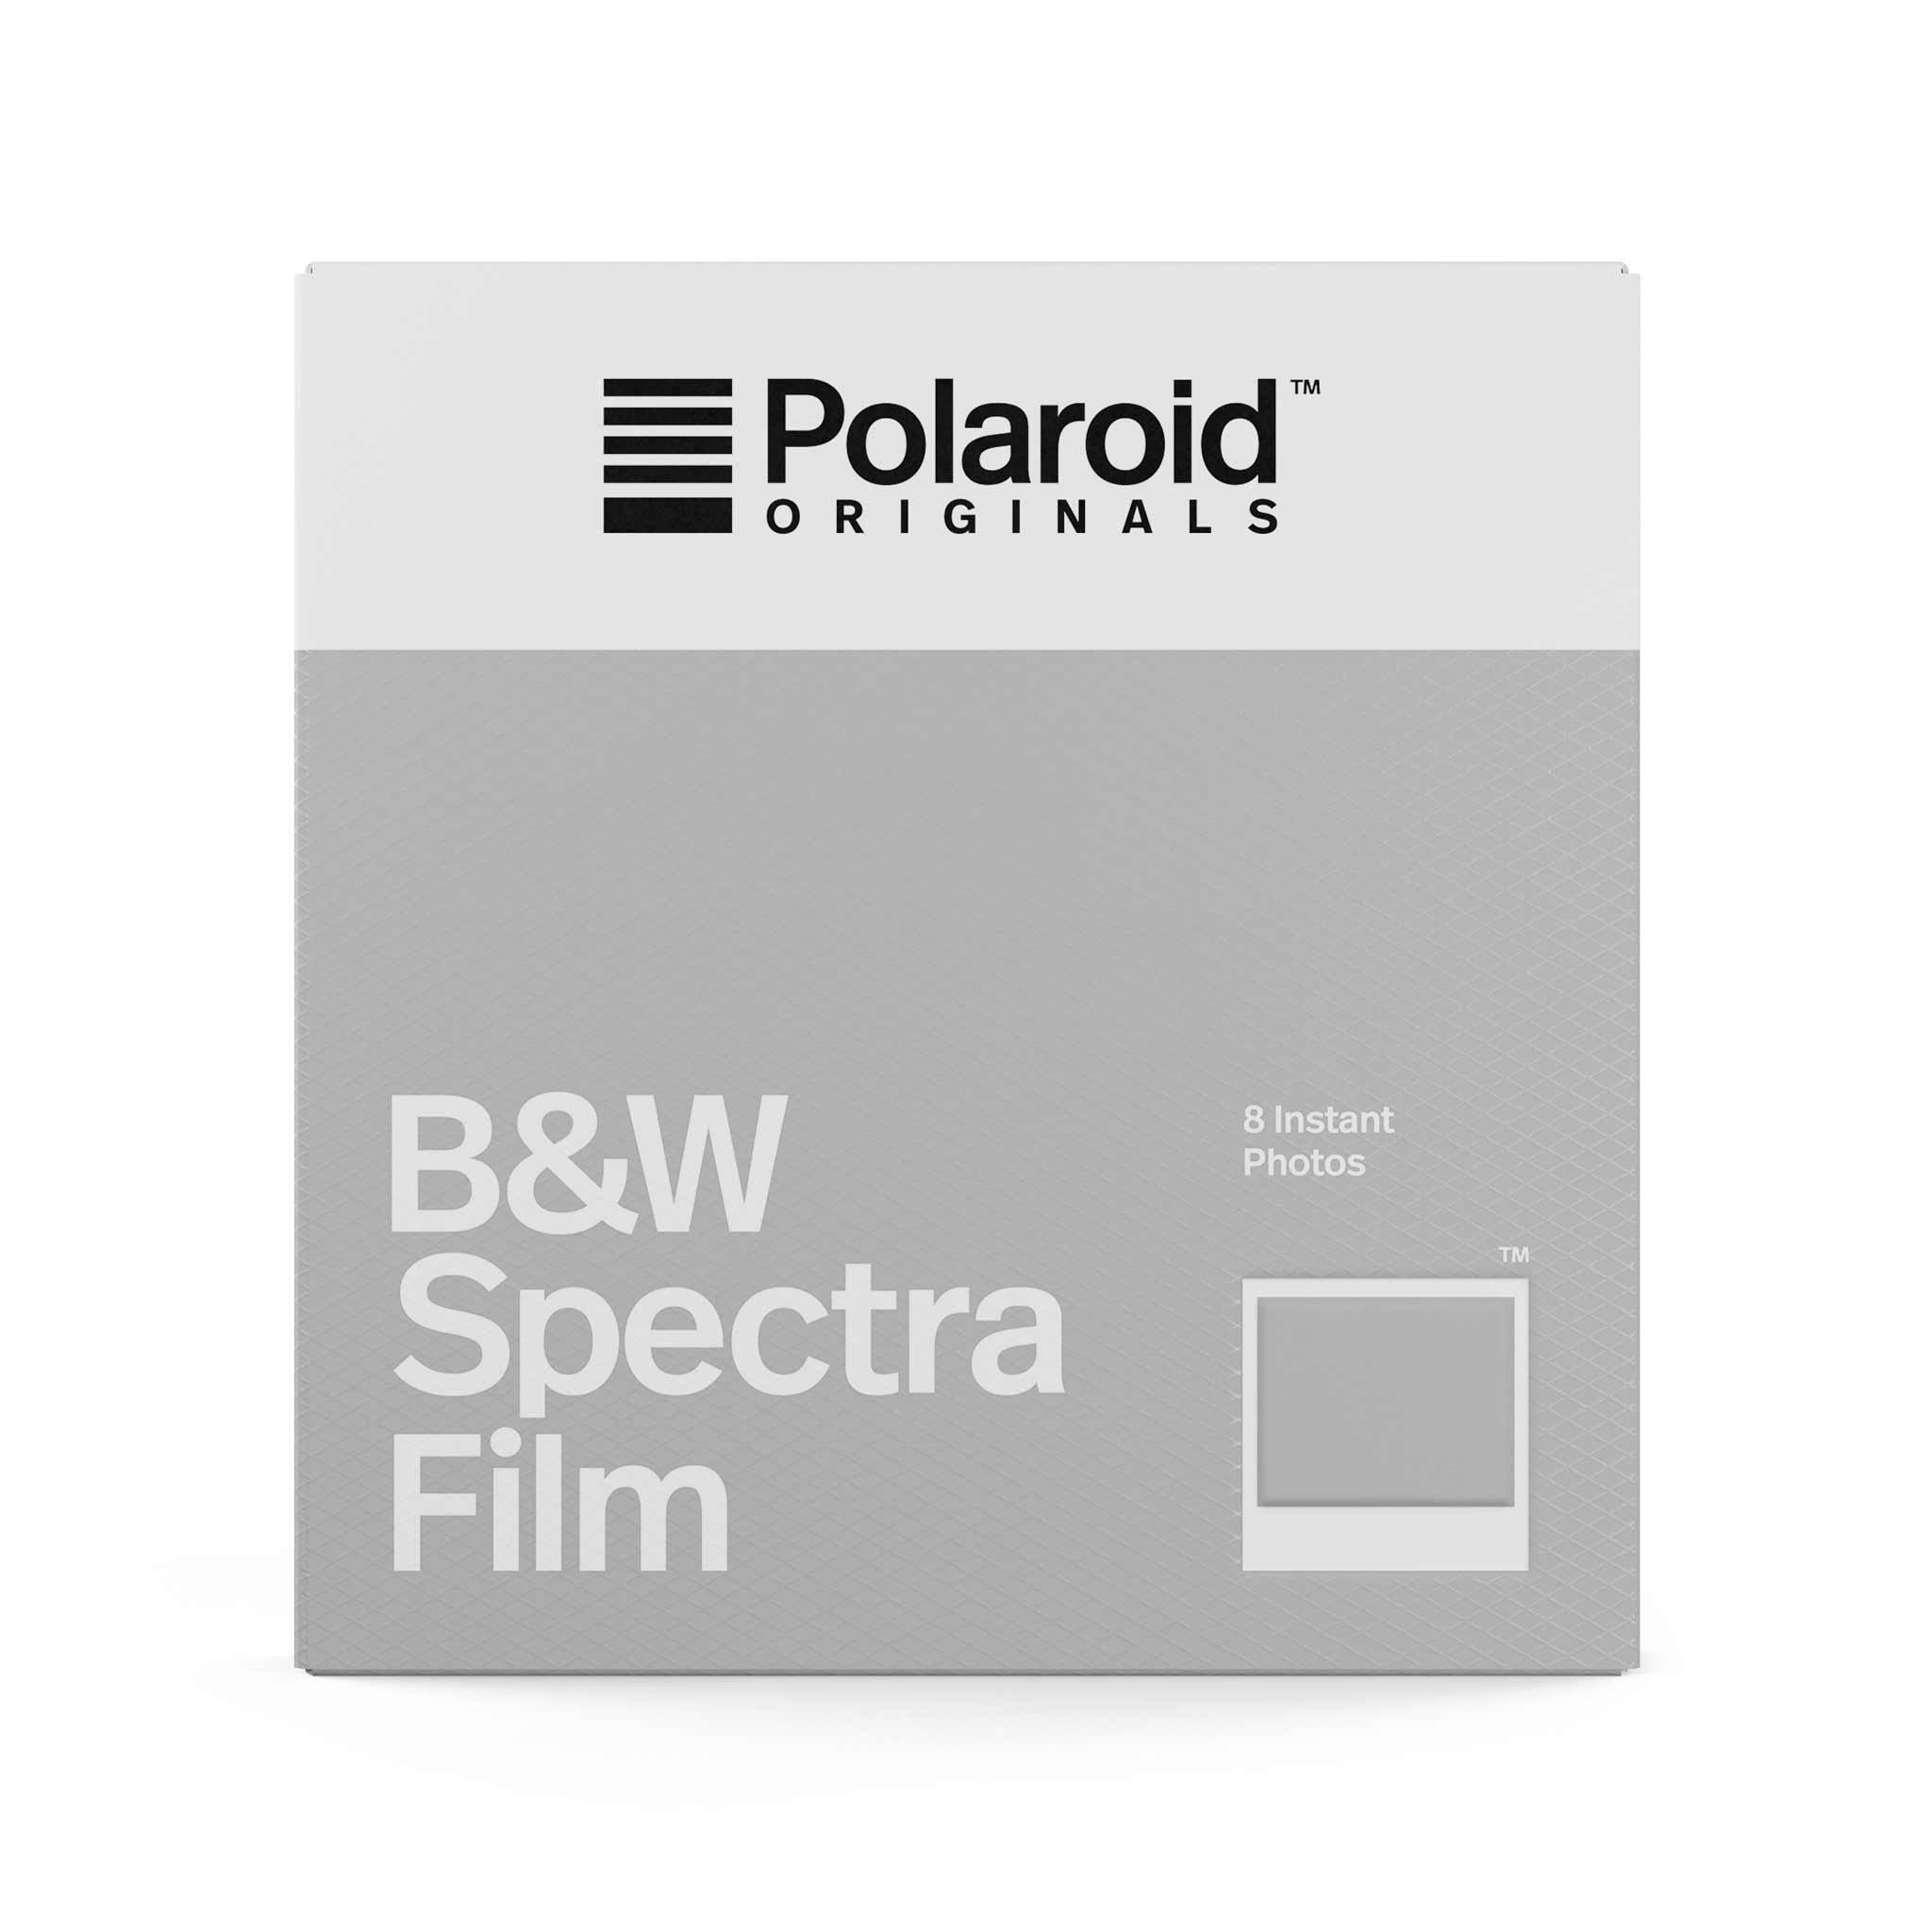 Polaroid Black and White Spectra Film White